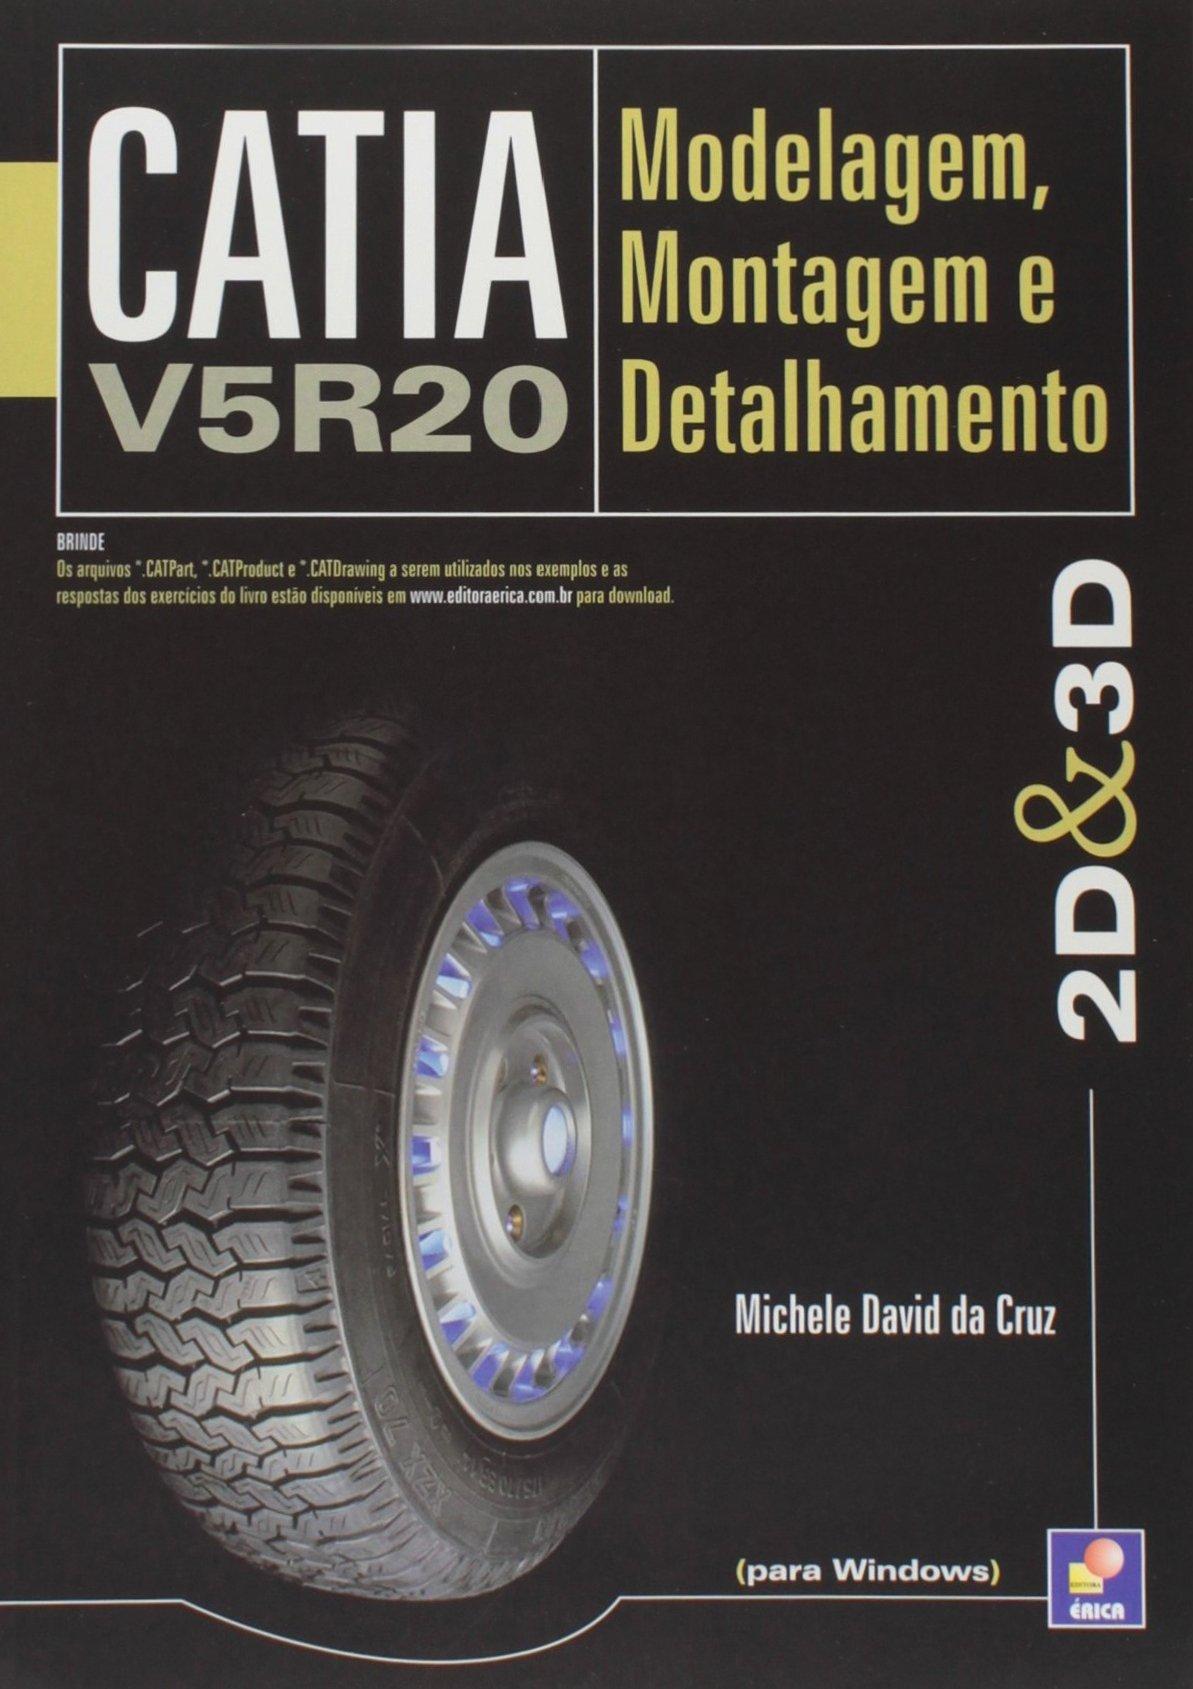 CATIA V5R20: Modelagem, Montagem e Detalhamento - 2D e 3D